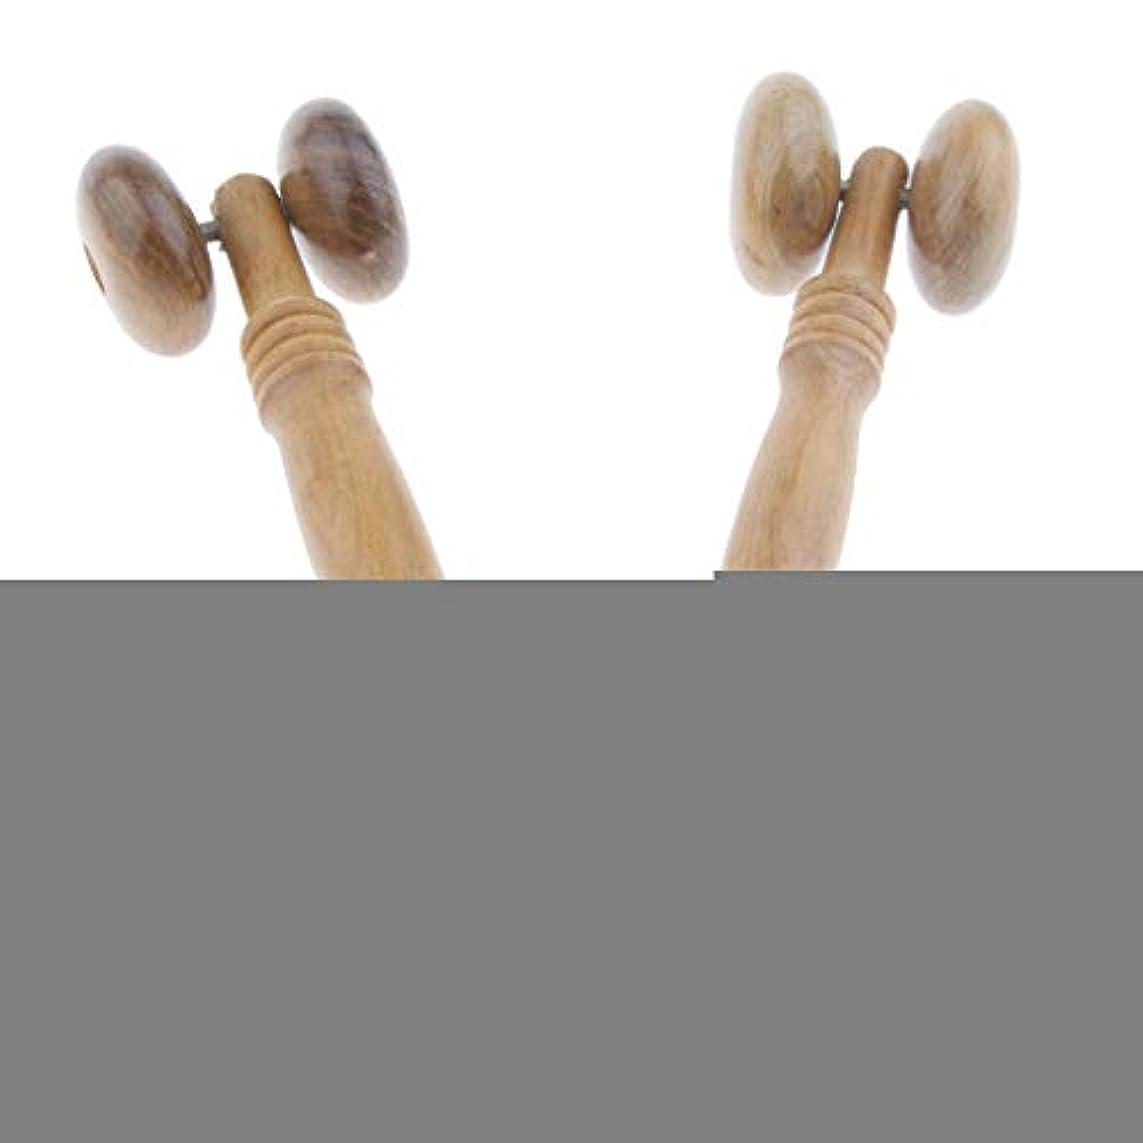 木母音インチdailymall 美顔ローラー 木製フェイスローラー 手動式 小顔ローラー 背中 マッサージ 筋肉のたるみ 2個セット